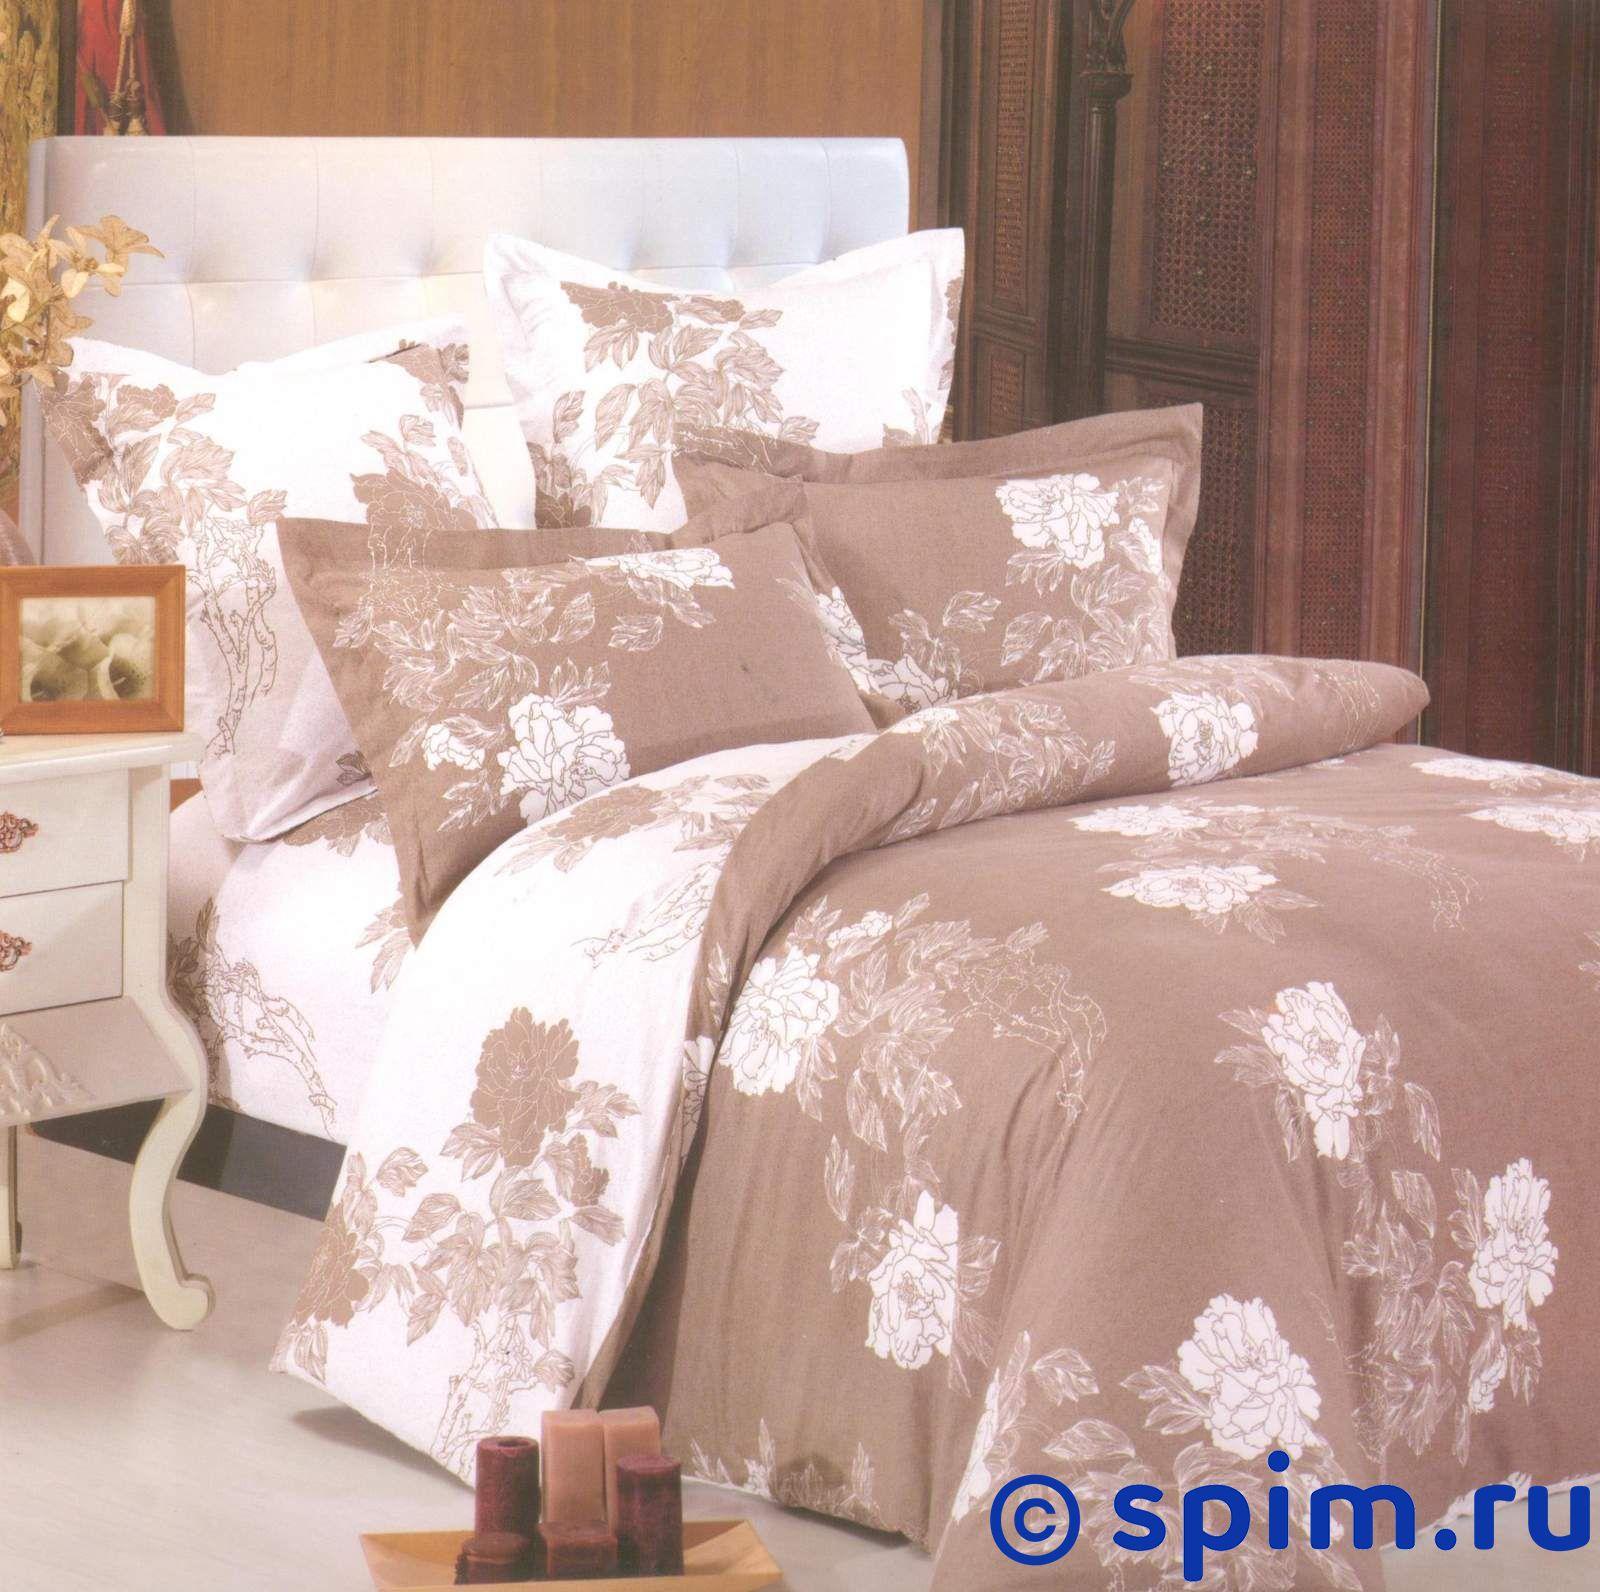 Комплект СайлиД В141 1.5 спальное